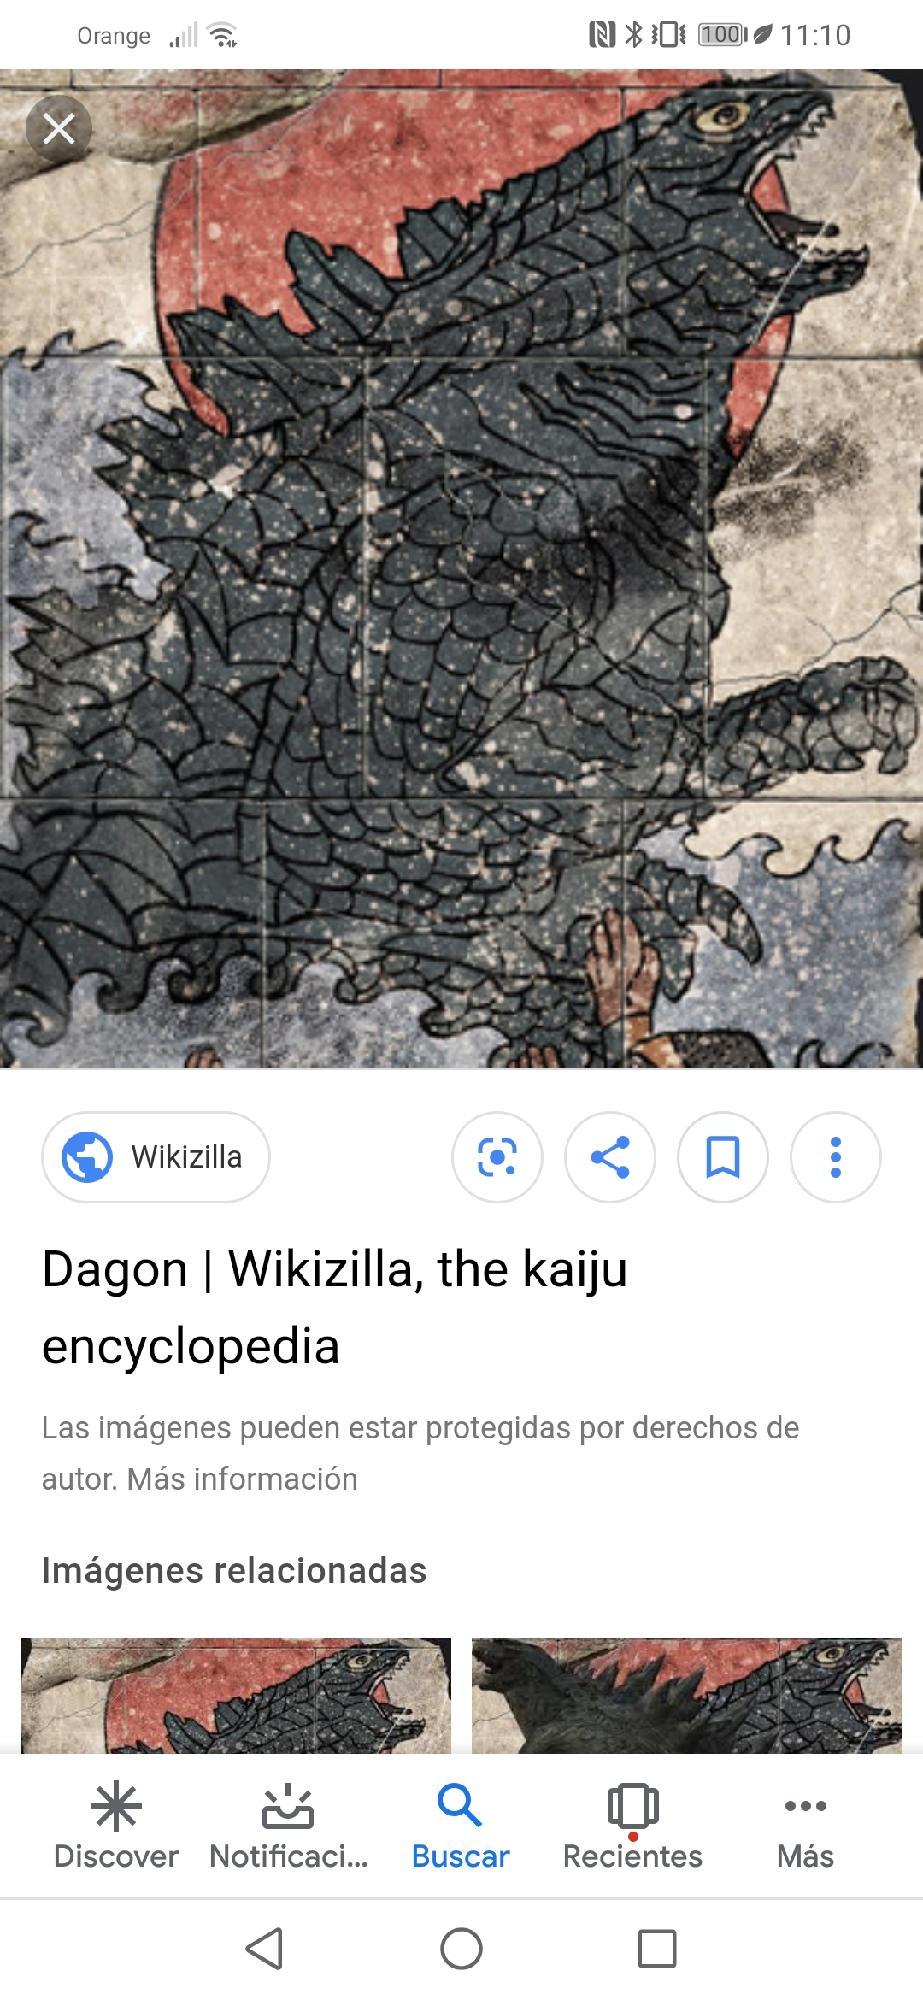 Dagon el ancestro de godzilla